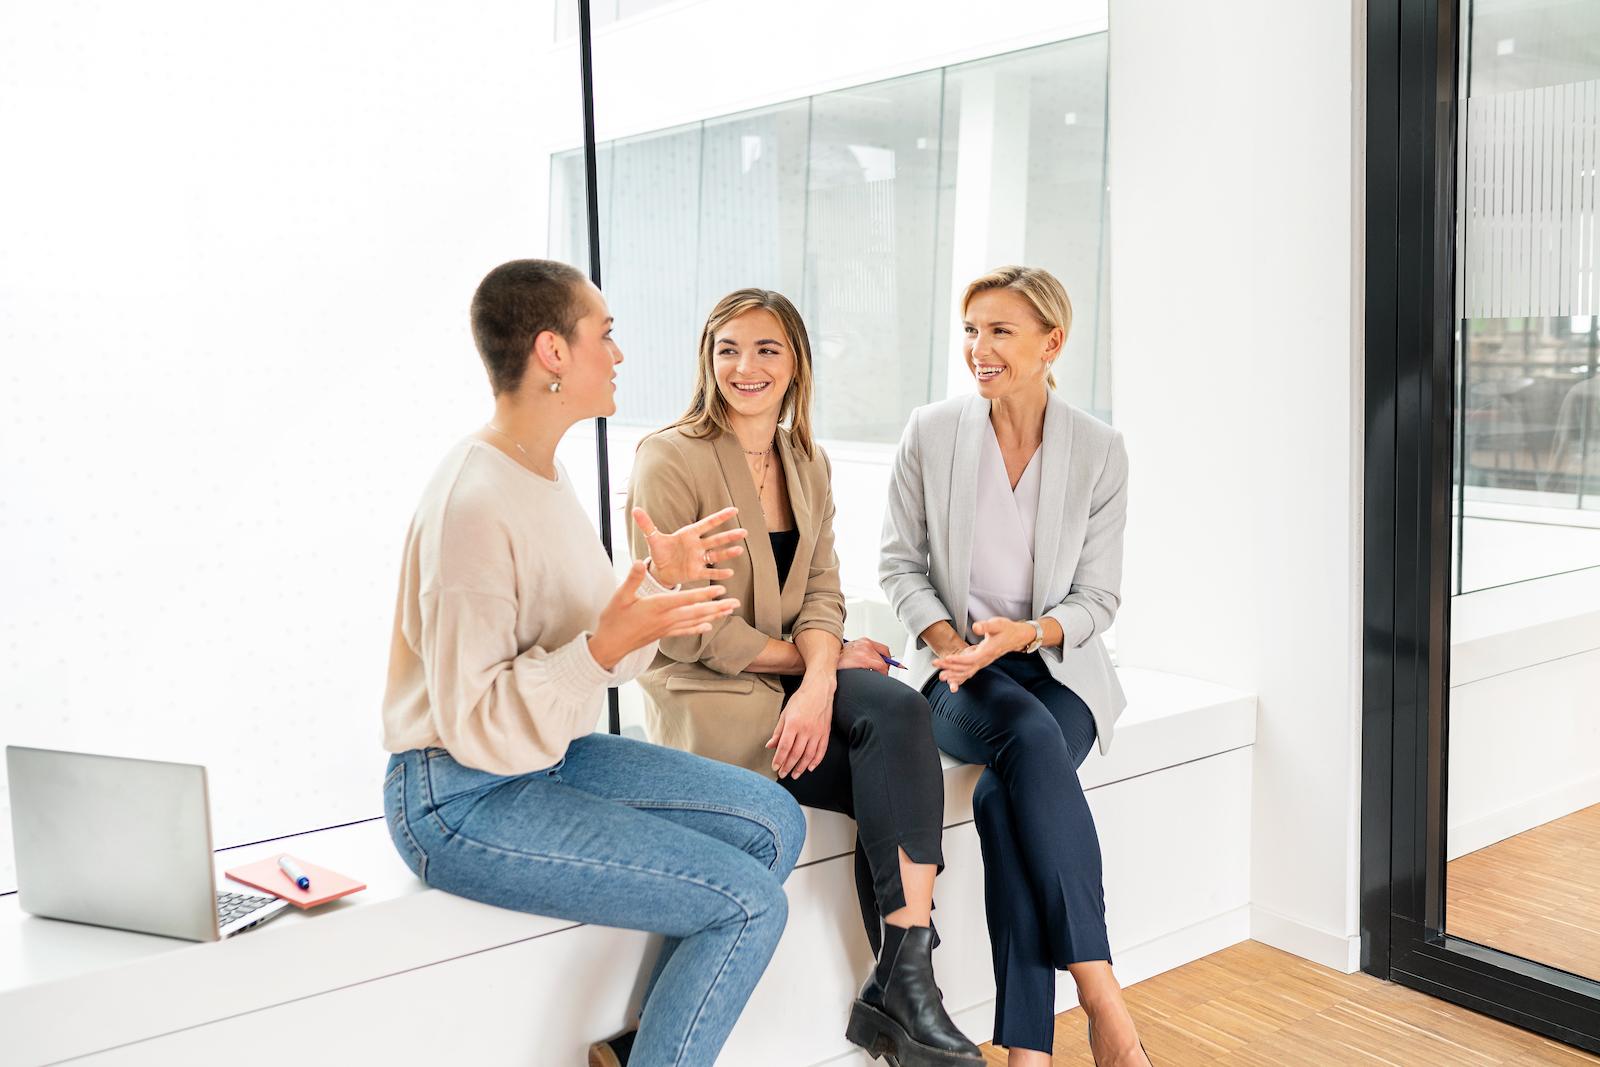 Team Gespräch dreier Frauen auf einer Fensterbank sitzend